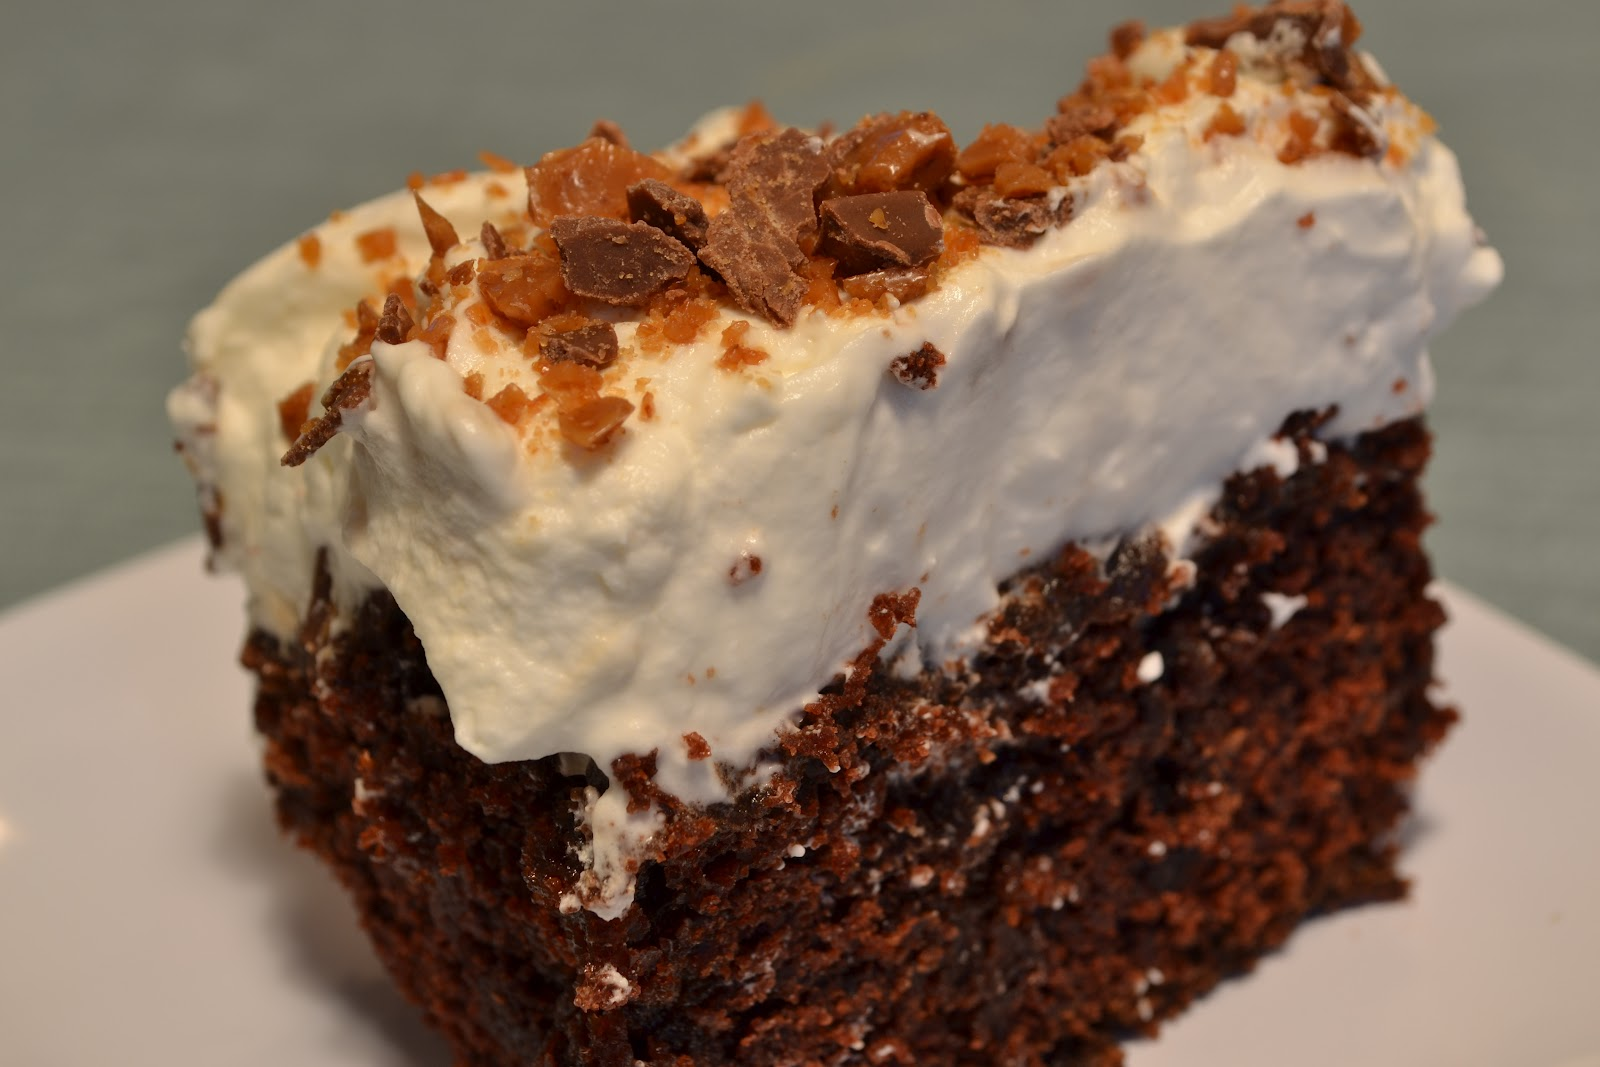 Skor Bar Chocolate Cake